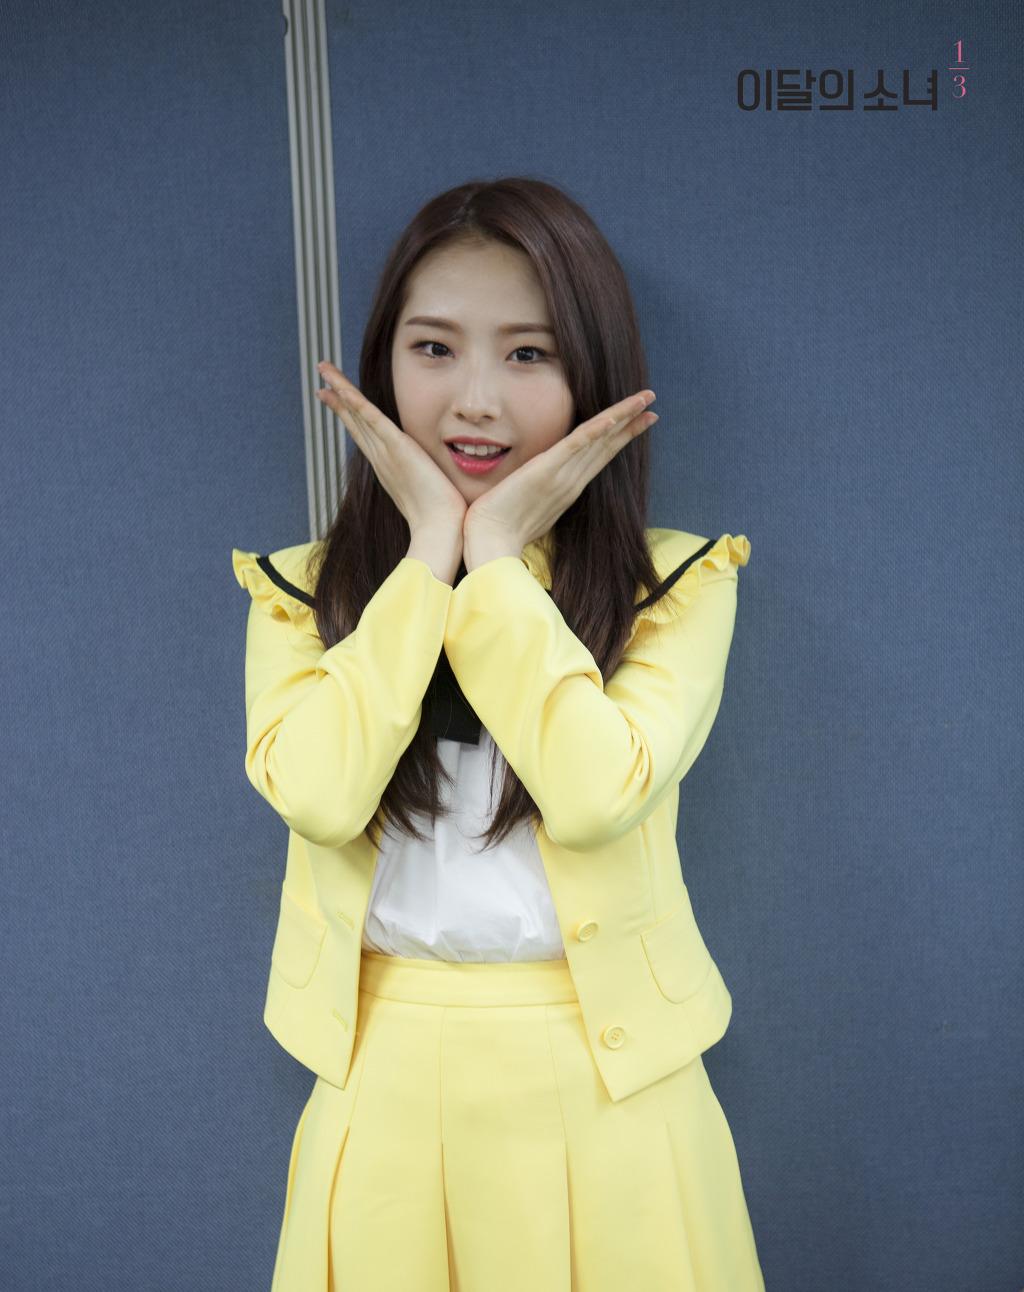 170402 SNS Inkigayo Diary HaSeul 2.jpg